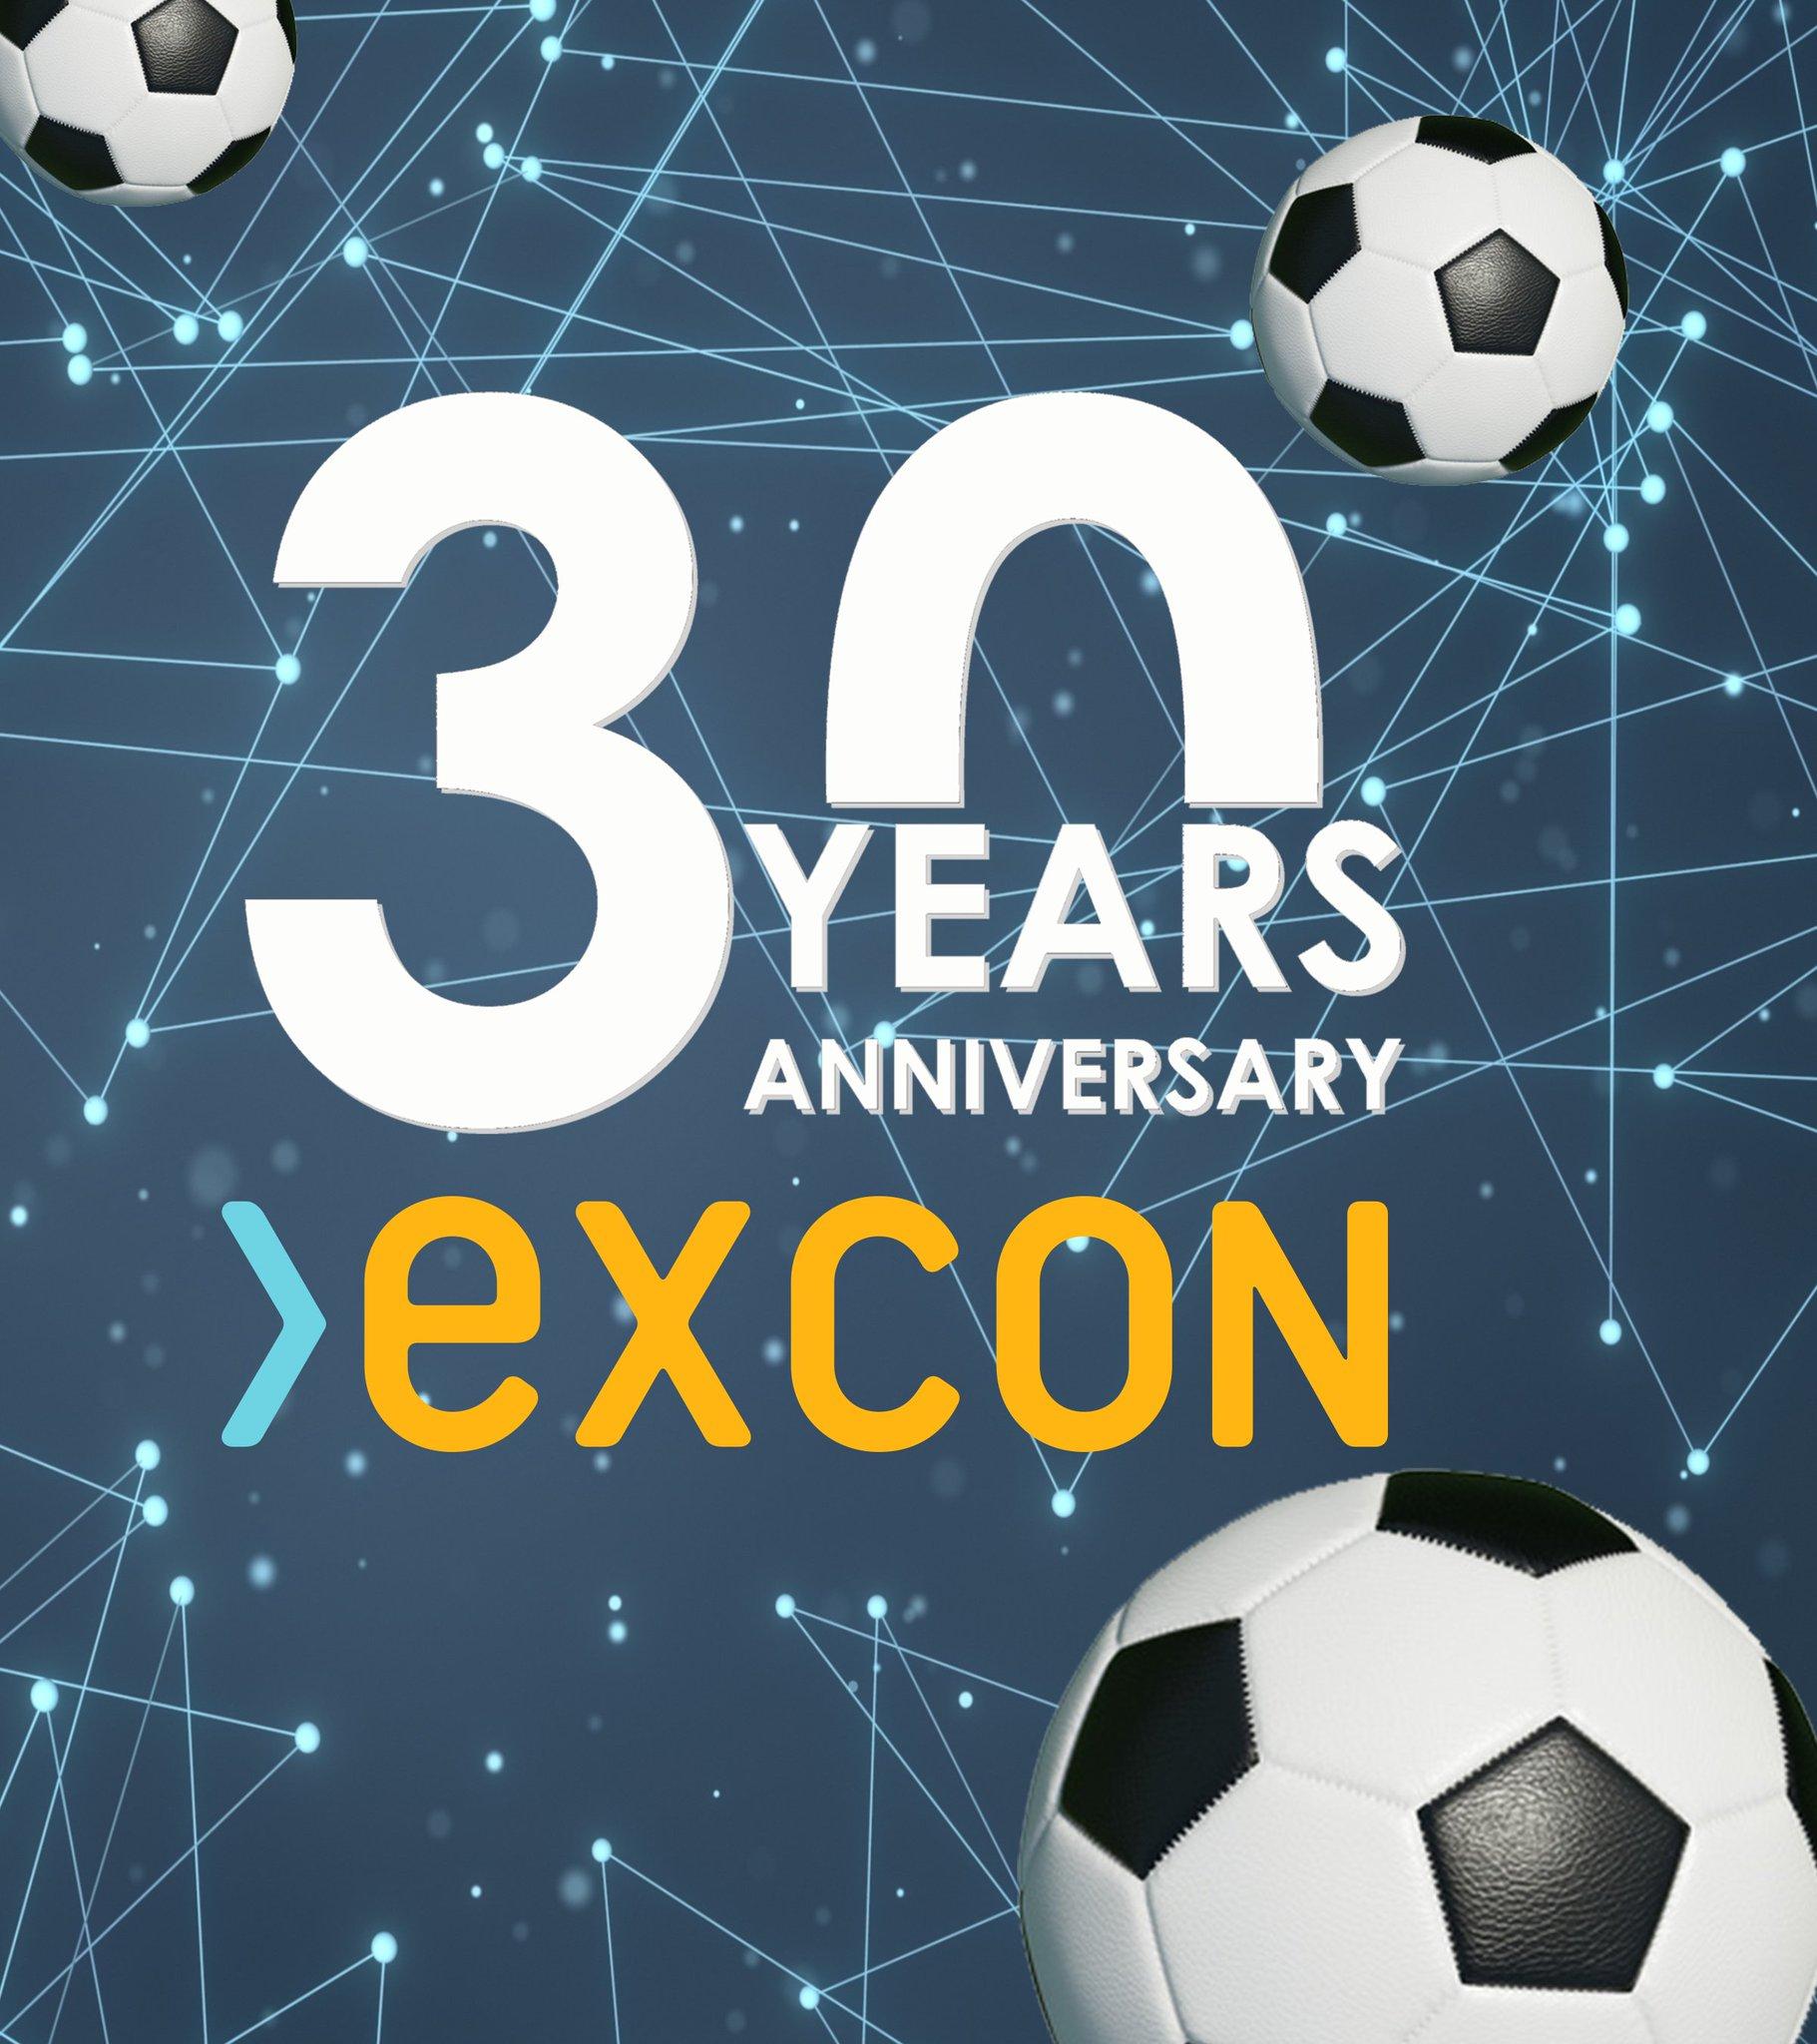 """ExconServices auf Twitter: """"/// JETZT MITMACHEN UND GEWINNEN! /// 30 JAHRE – 30 BÄLLE – unsere exklusive Jubiläumsaktion zur Fußball WM 2018 für unsere langjährigen Mandanten, Partner, Dienstleister und Lieferanten >>> https://t.co/erTvk1HY8F #EXCON #besuretoadvance #30years #Jubiläum #anniversary #WM2018… https://t.co/8Cv04ryijs"""""""